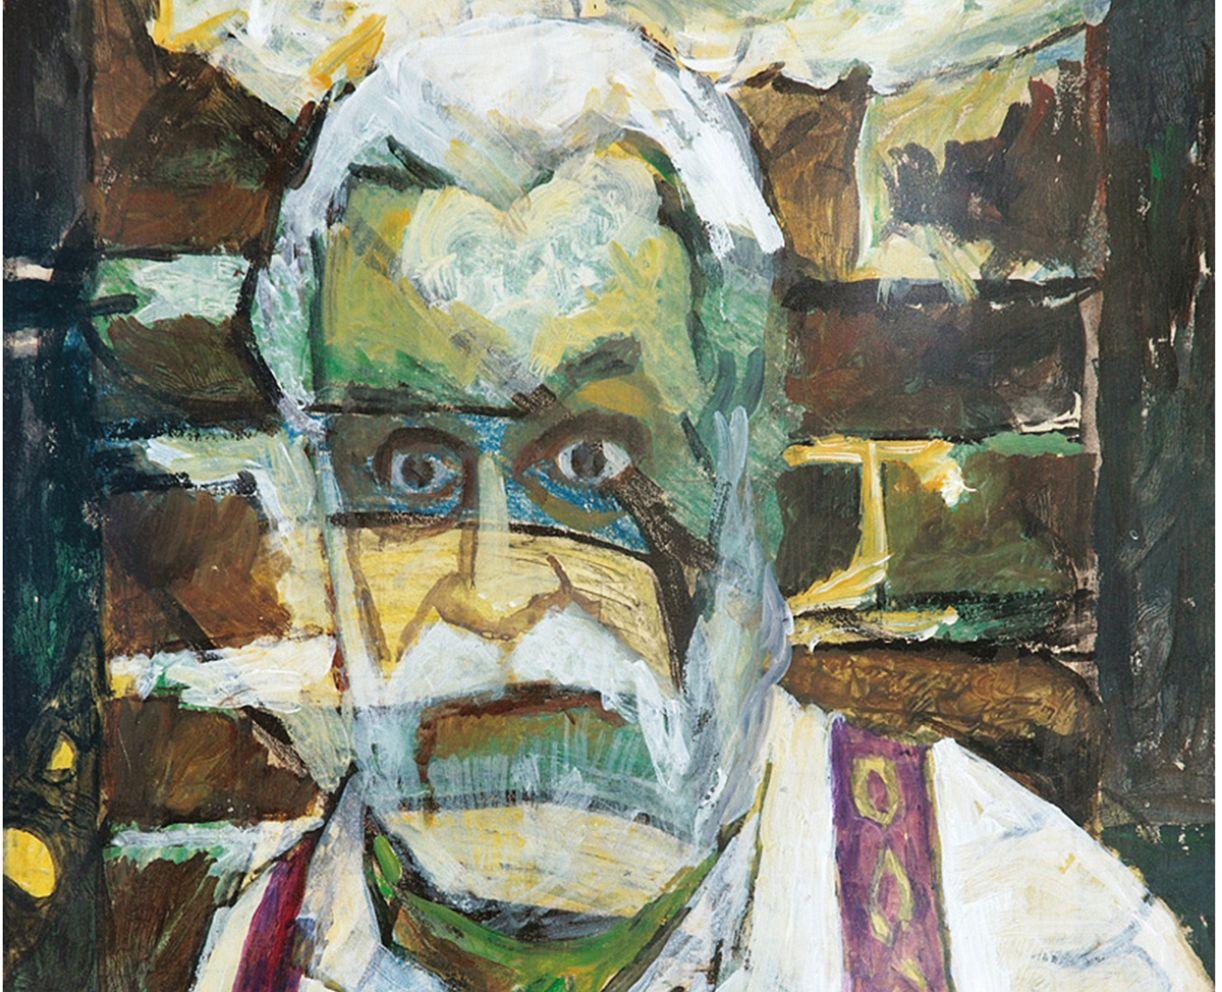 Detalhe de autorretrado pintado por Brennand (1997)